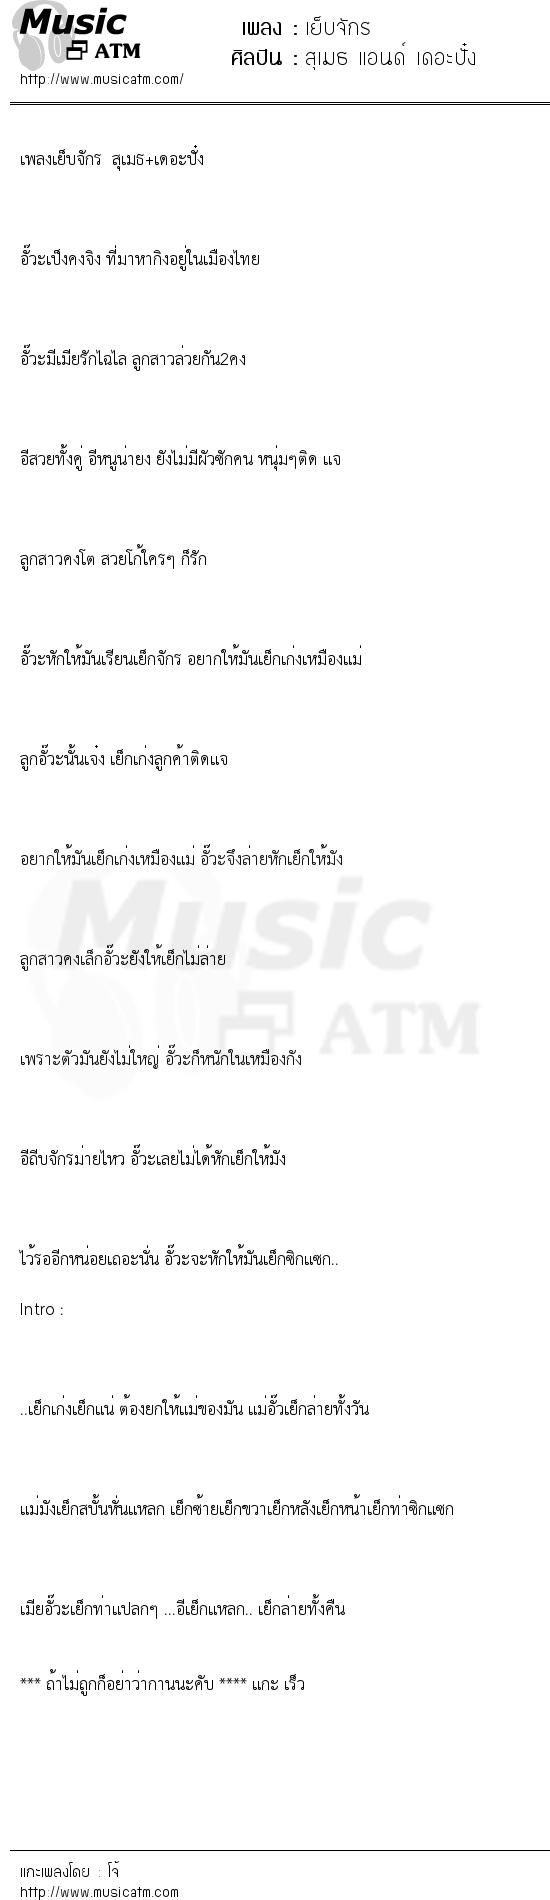 เนื้อเพลง เย็บจักร - สุเมธ แอนด์ เดอะปั๋ง   เพลงไทย